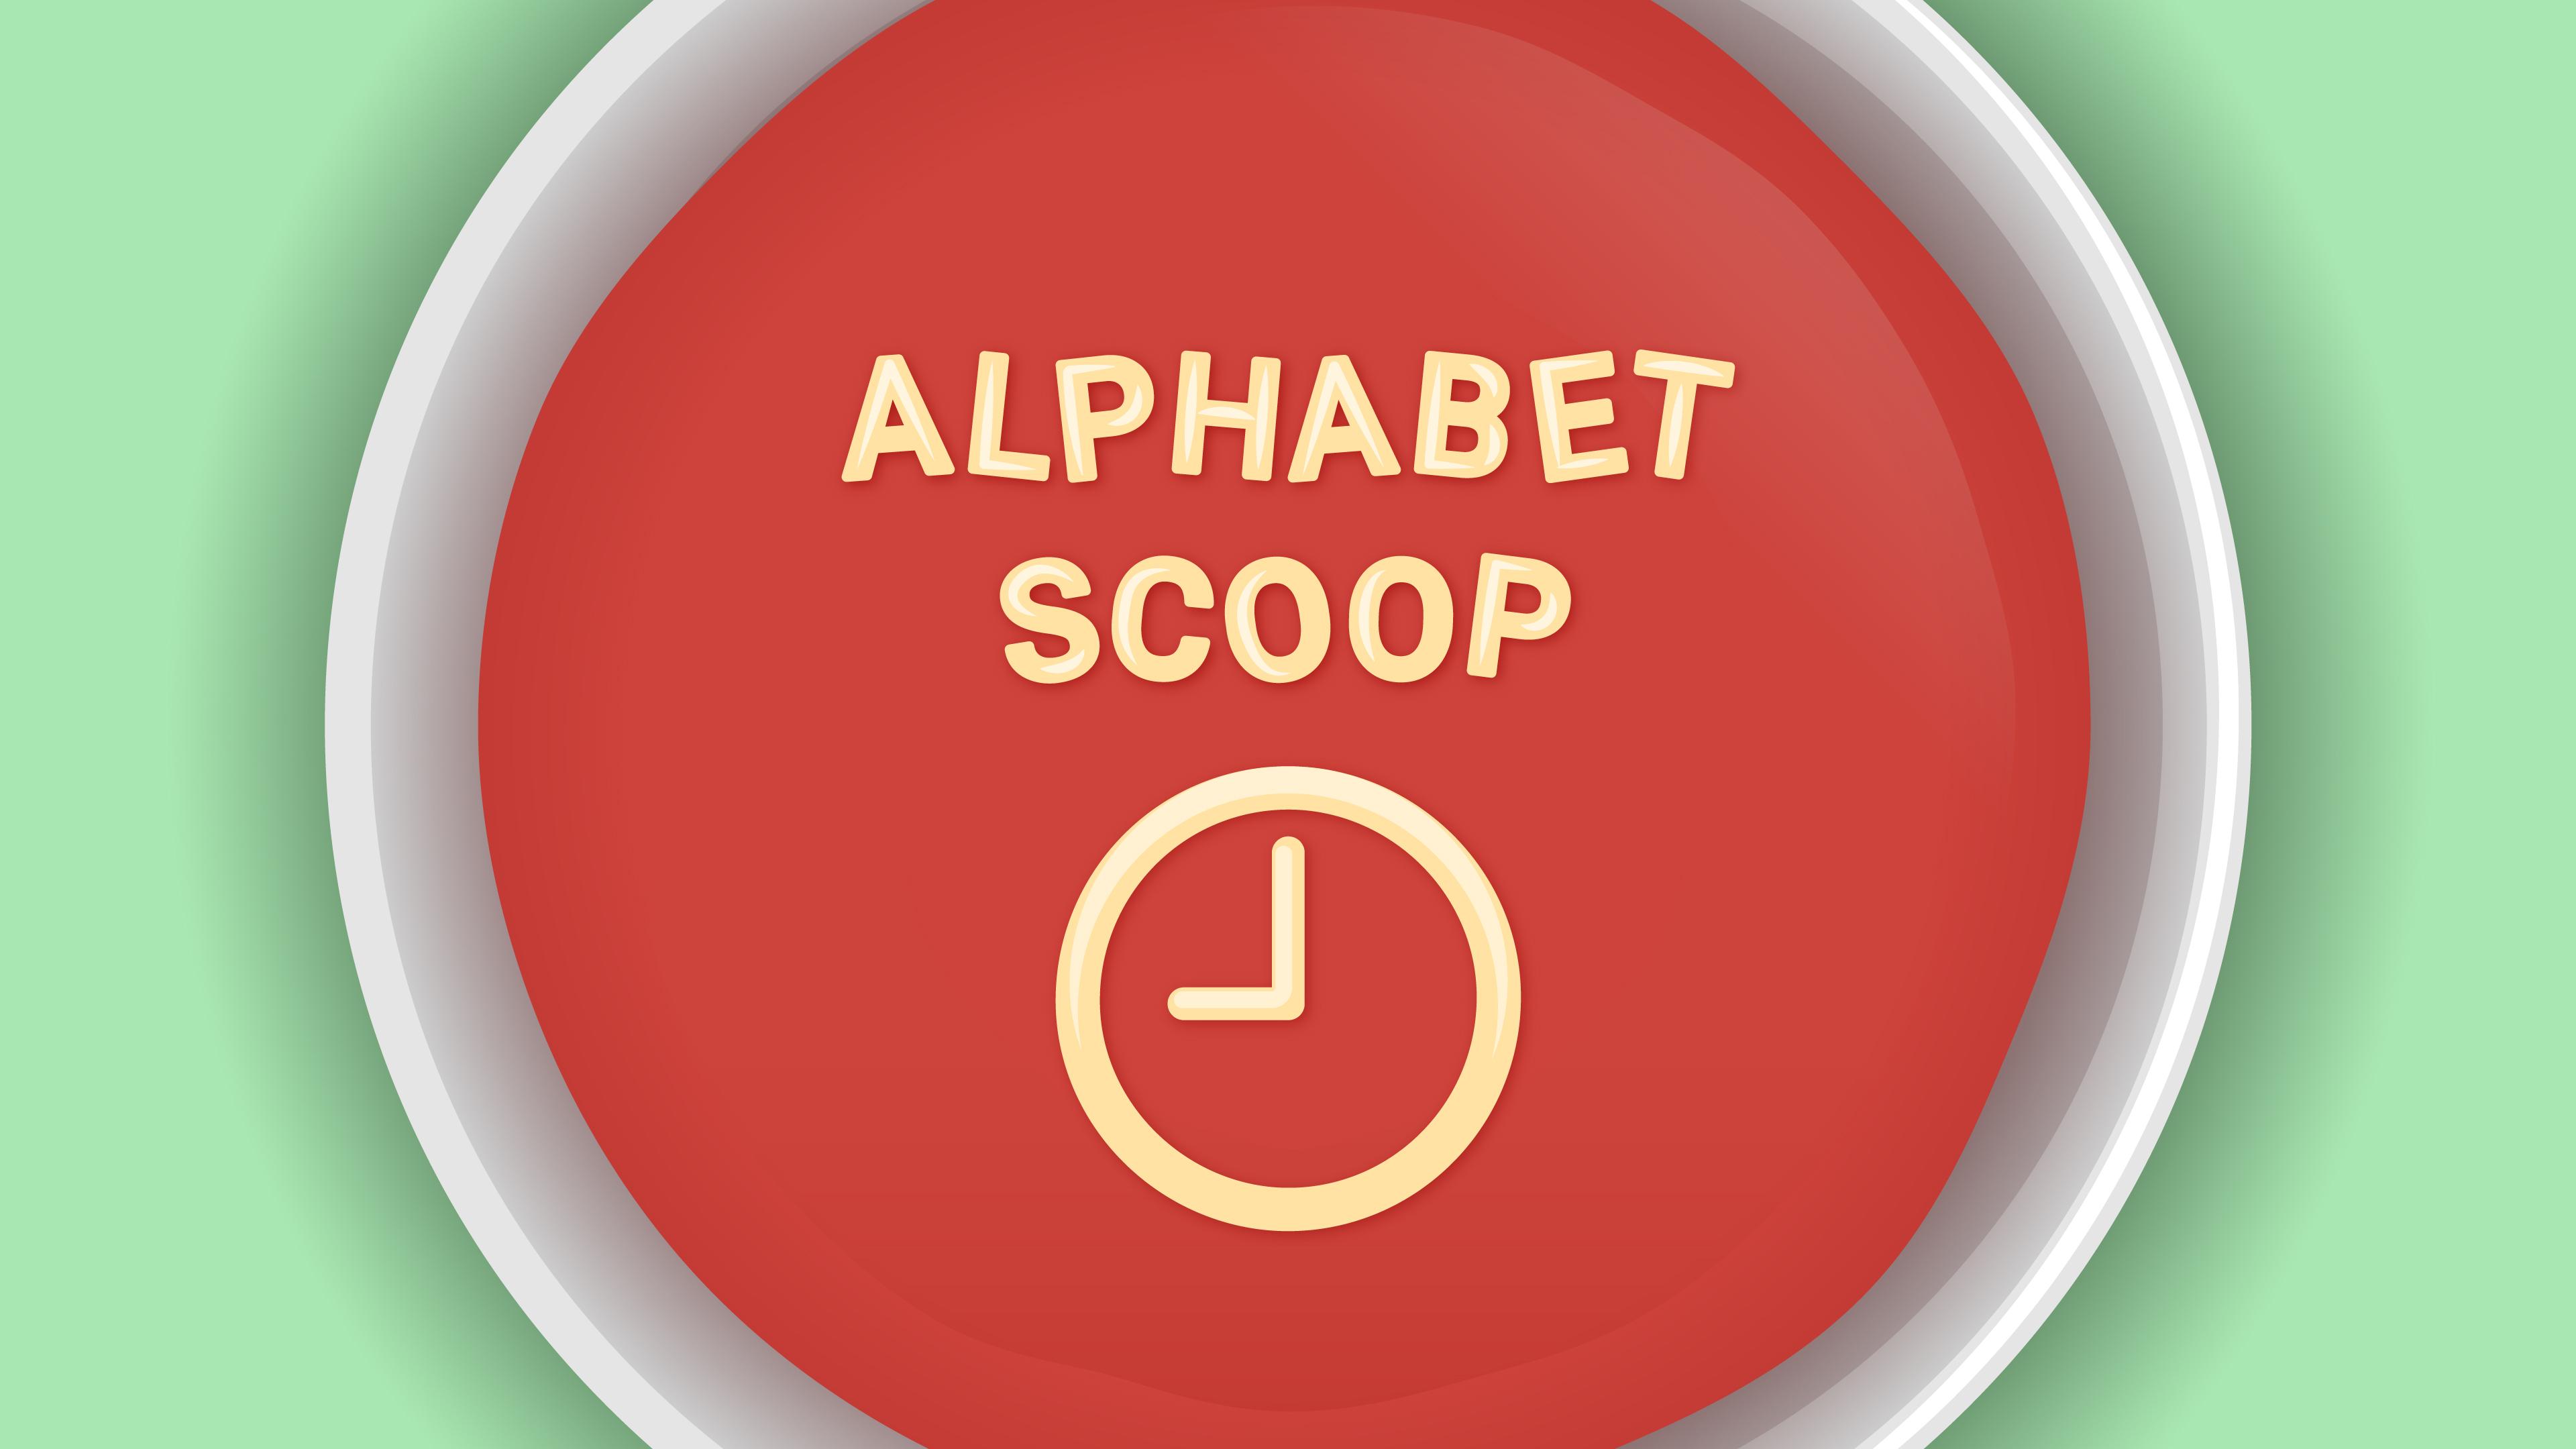 Alphabet Scoop 037: Live von der CES 2019 - die Google Assistant-Konvention! [Liveübertragung]